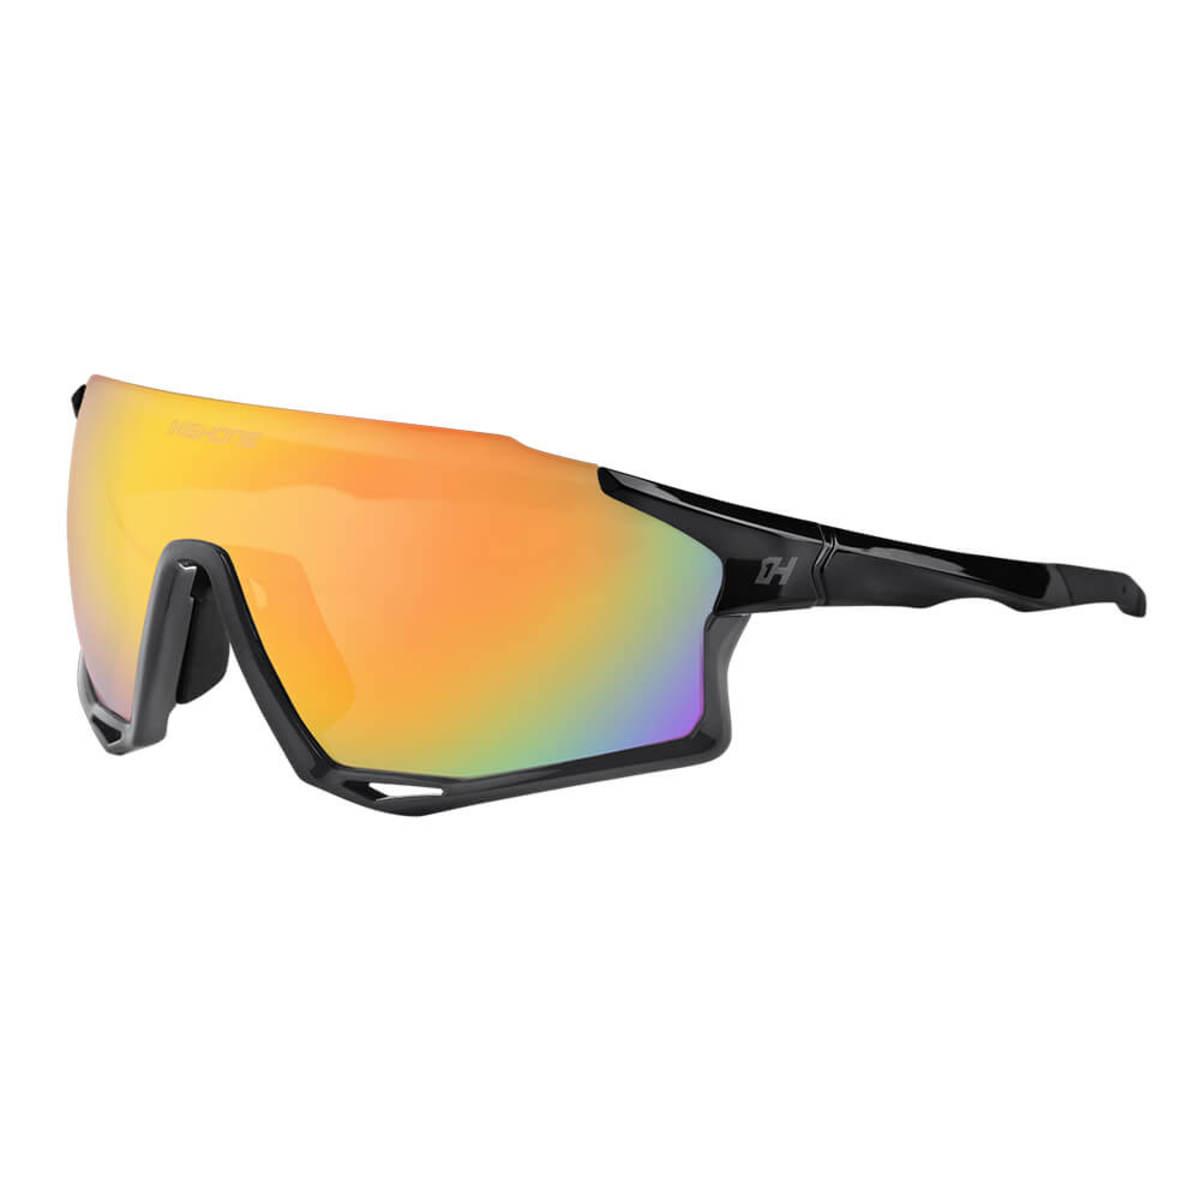 Óculos High One Mark C/3 Lentes Revo/fume/transparente Mtb